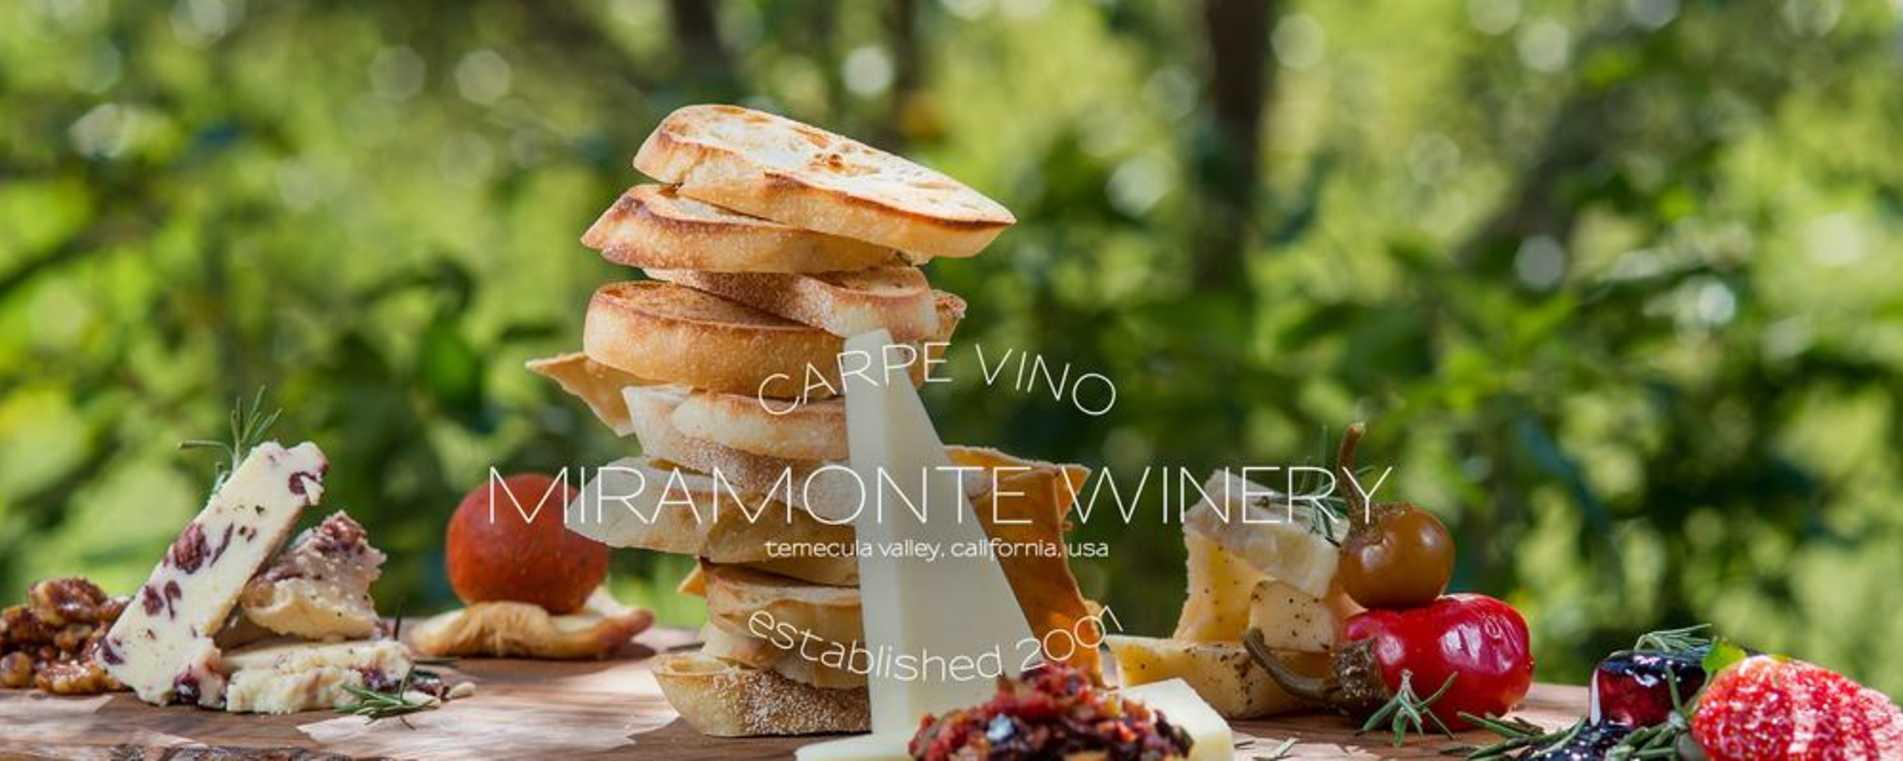 Miramonte Winery